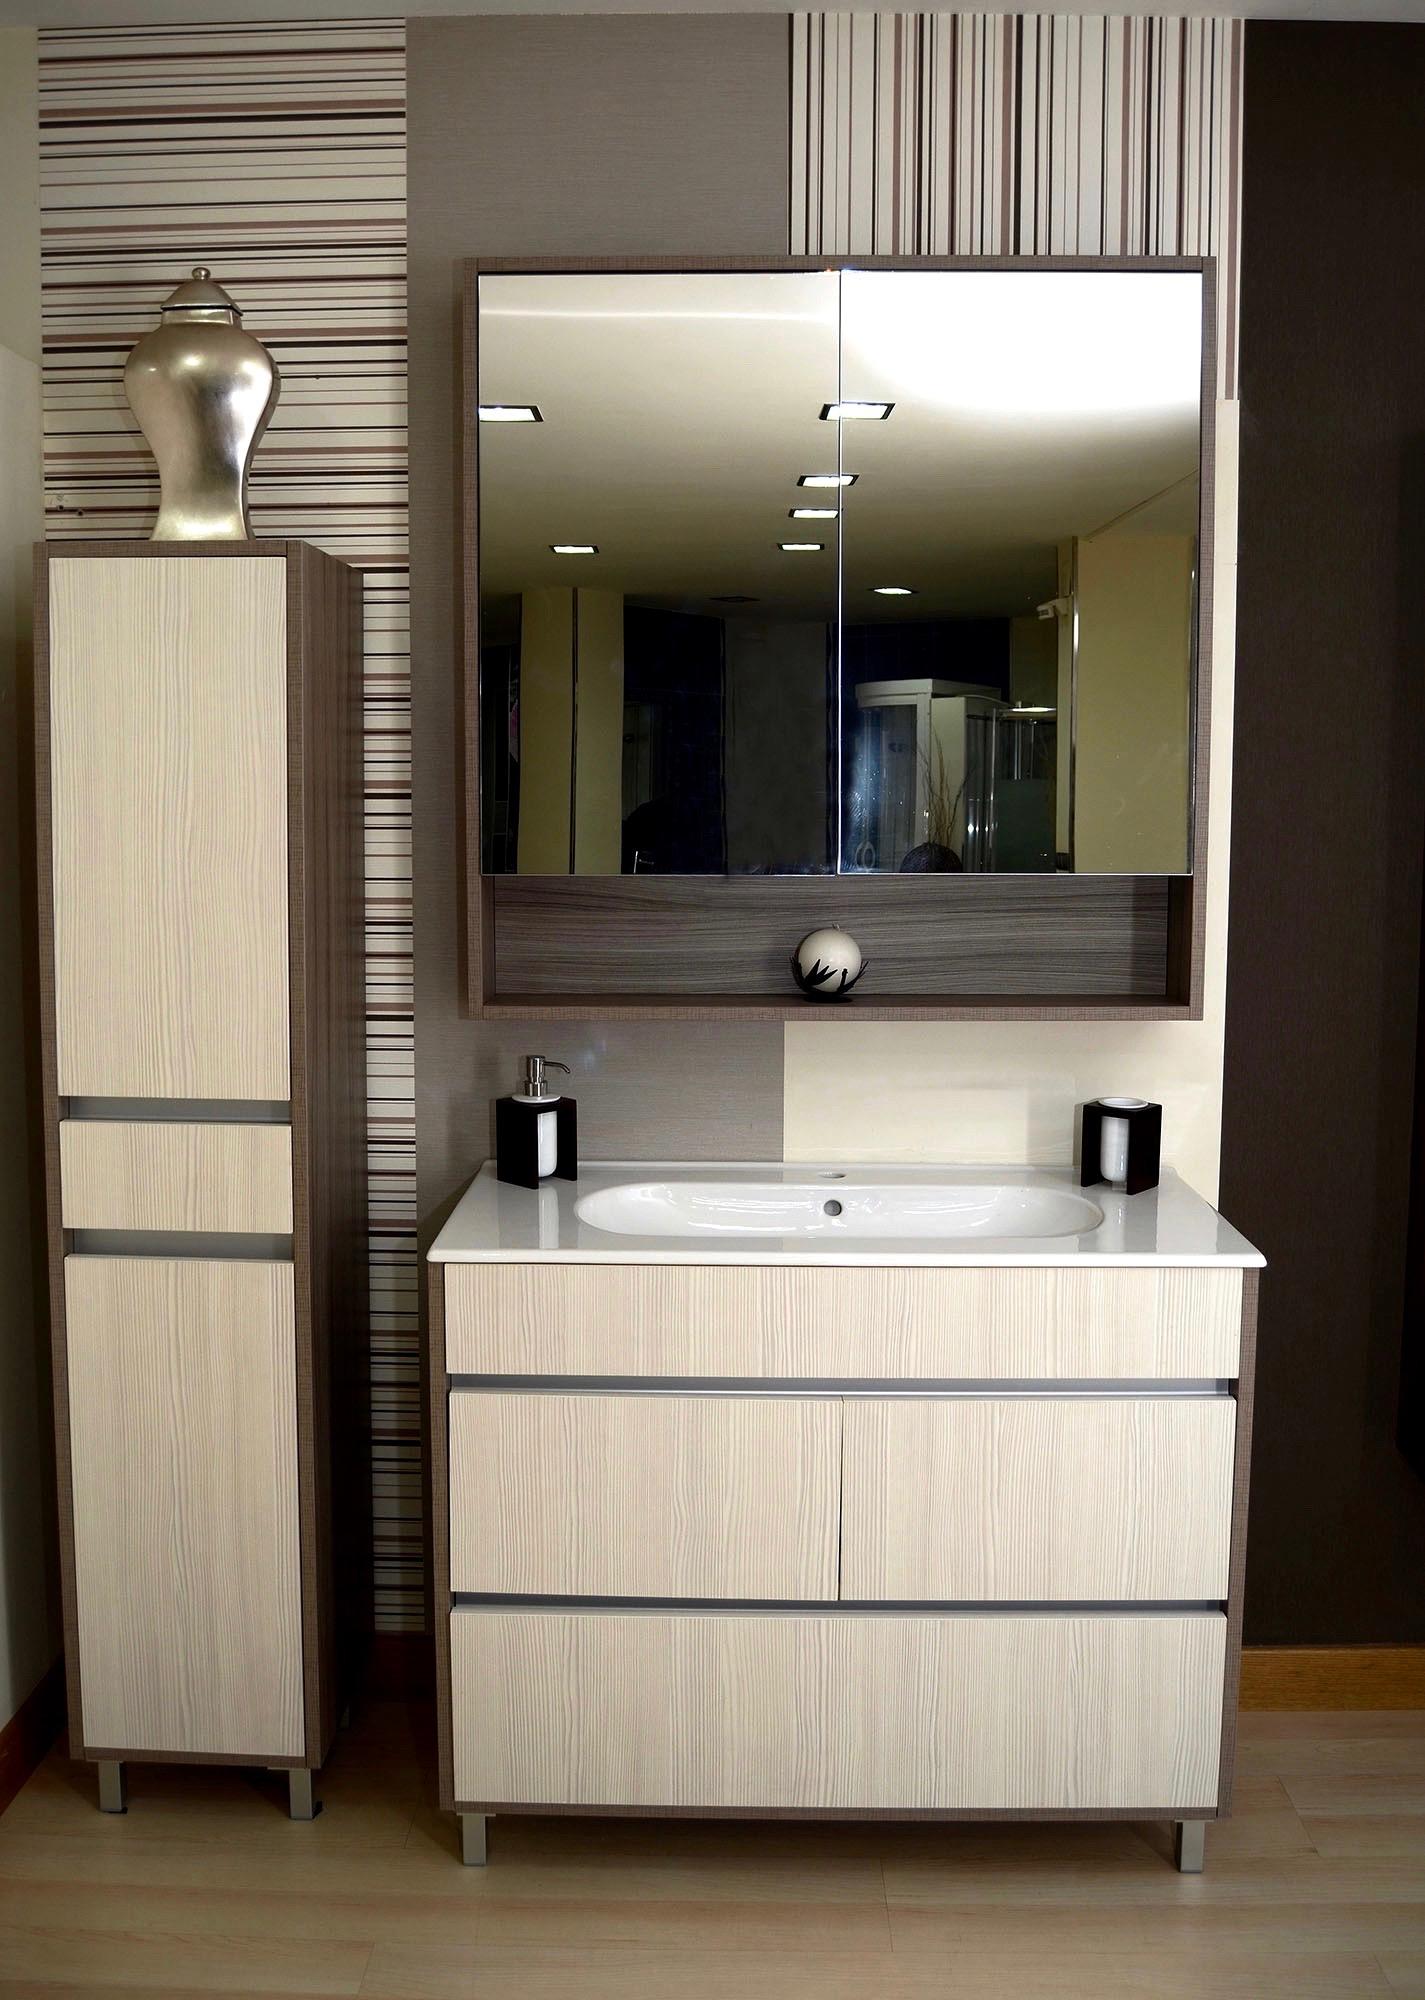 Nuestros ba os elegantes00 josman hermanos tienda de for Muebles para bano modernos y economicos